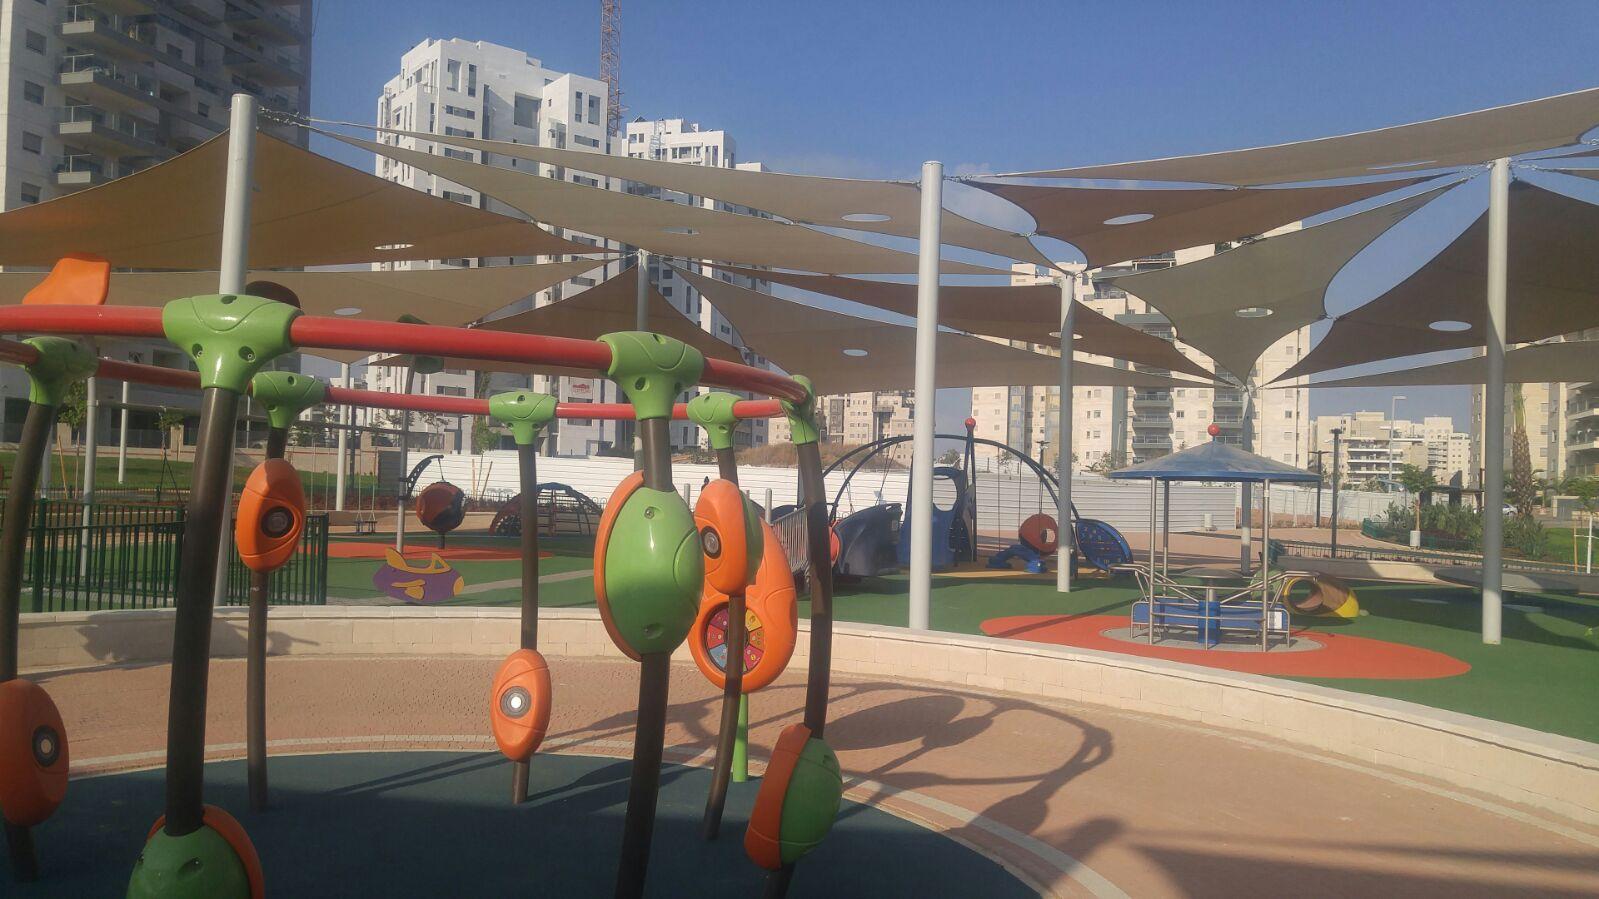 עיריית רחובות מציגה: פארק על שטח של כ-13 דונם לרווחת התושבים